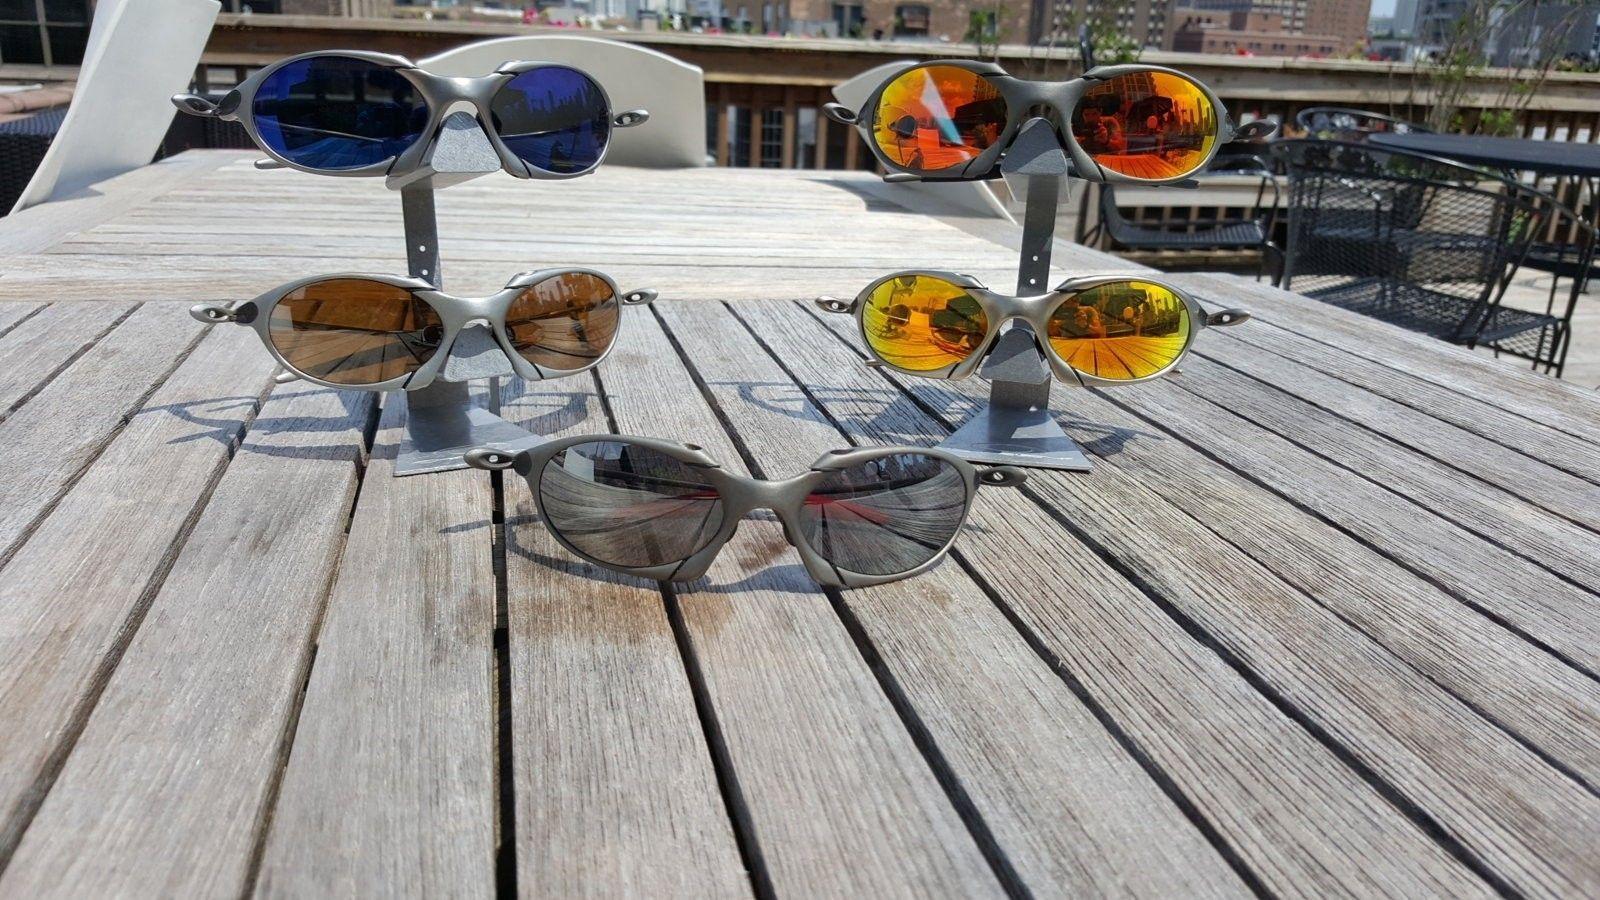 Best grey/black lenses for shooting? - 20160620_113827.jpg